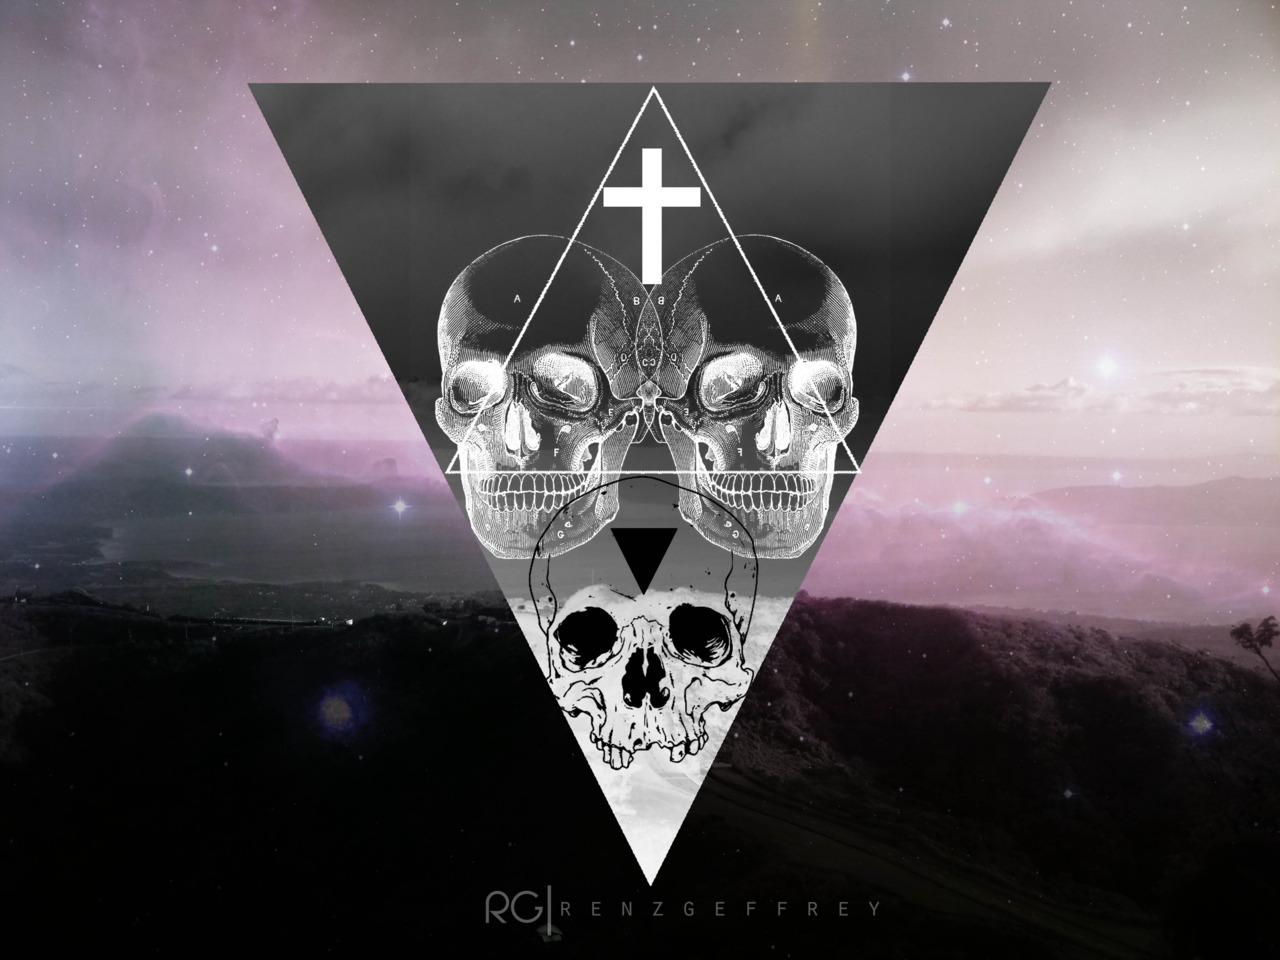 этого, картинки с треугольниками и крестами собой